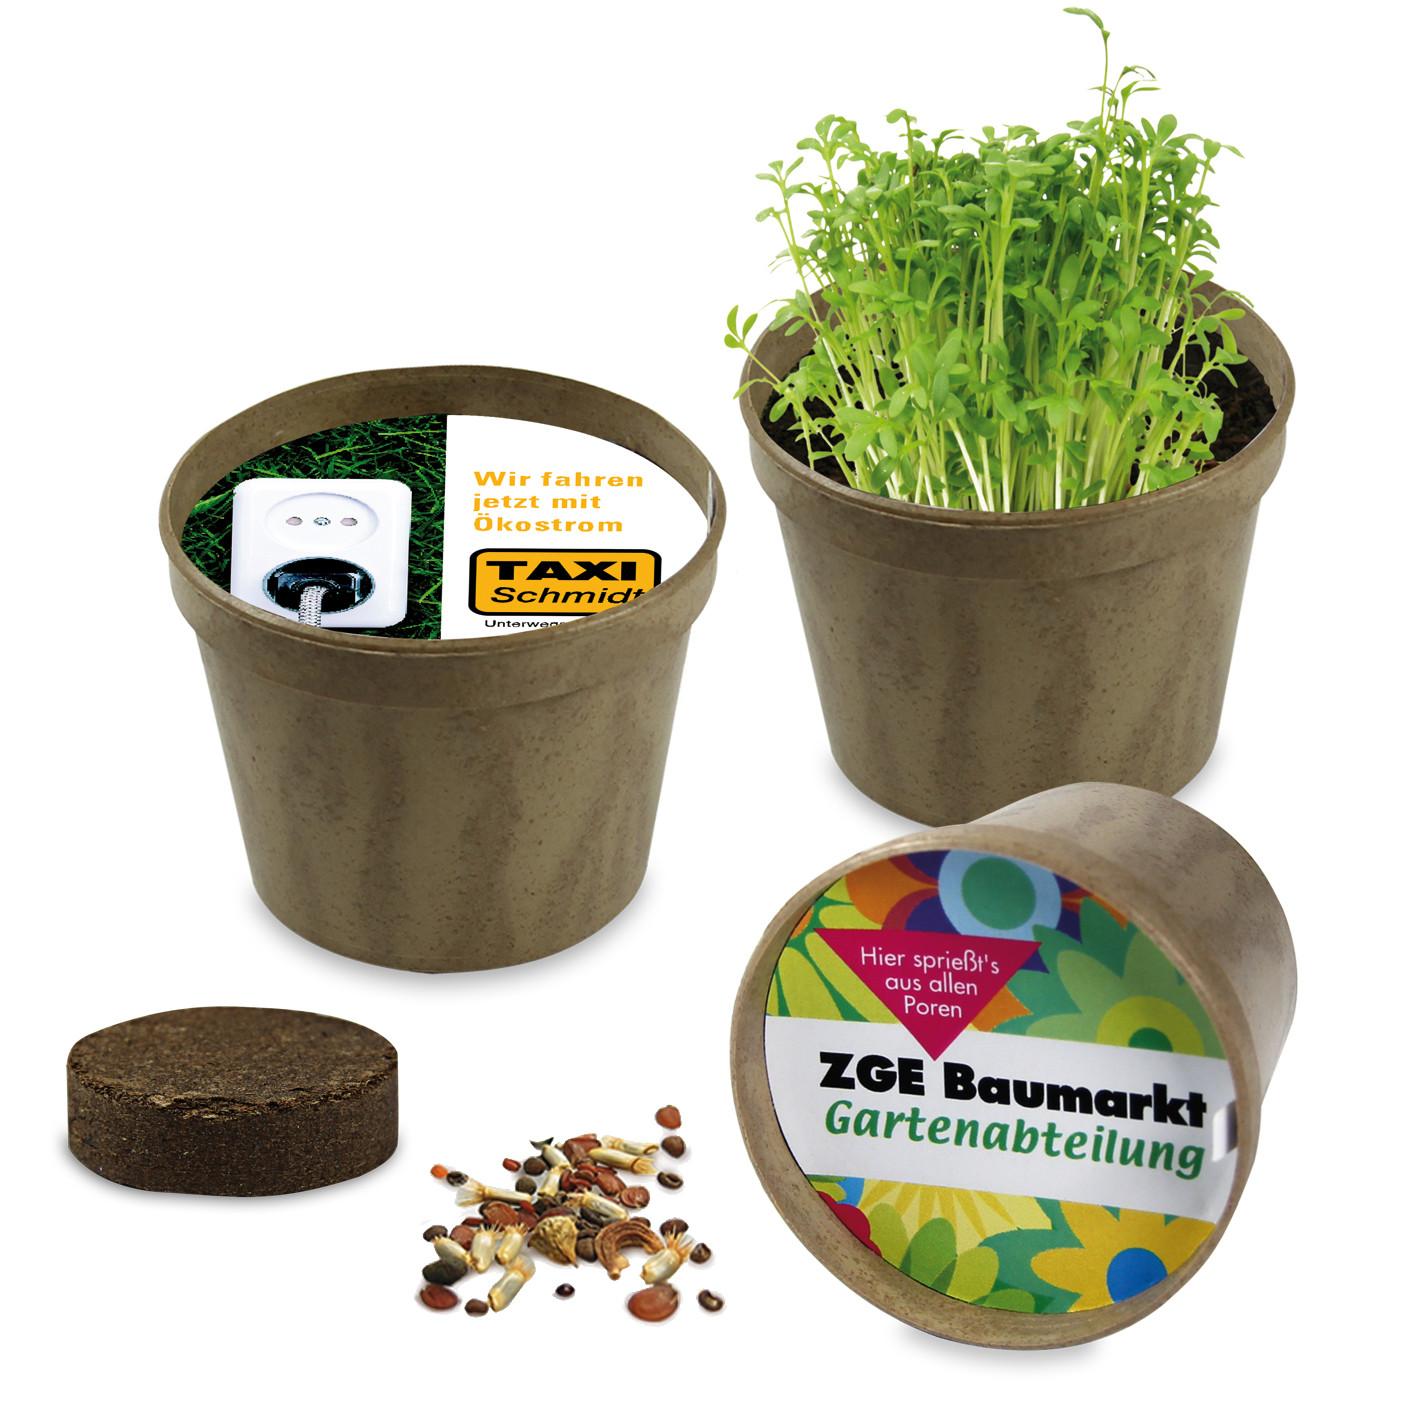 Bio-Werbemittel, Ökologisches Giveaway